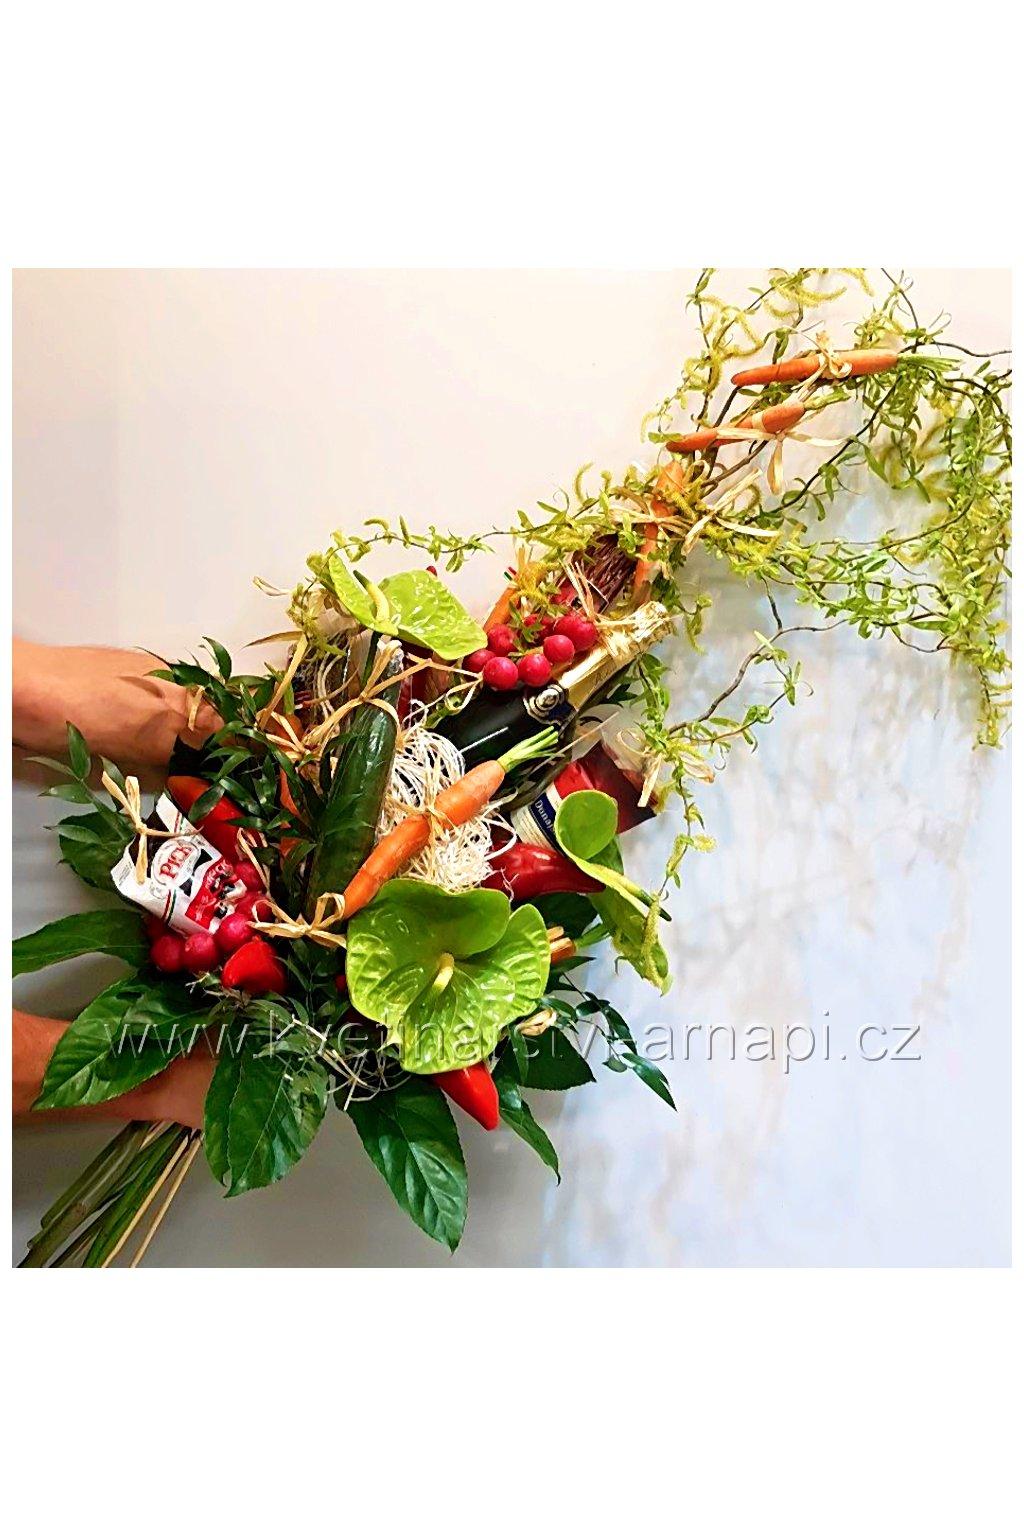 kytice panska z uzenin online prodej eshop rozvoz kvetin kvetinarstvi arnapi